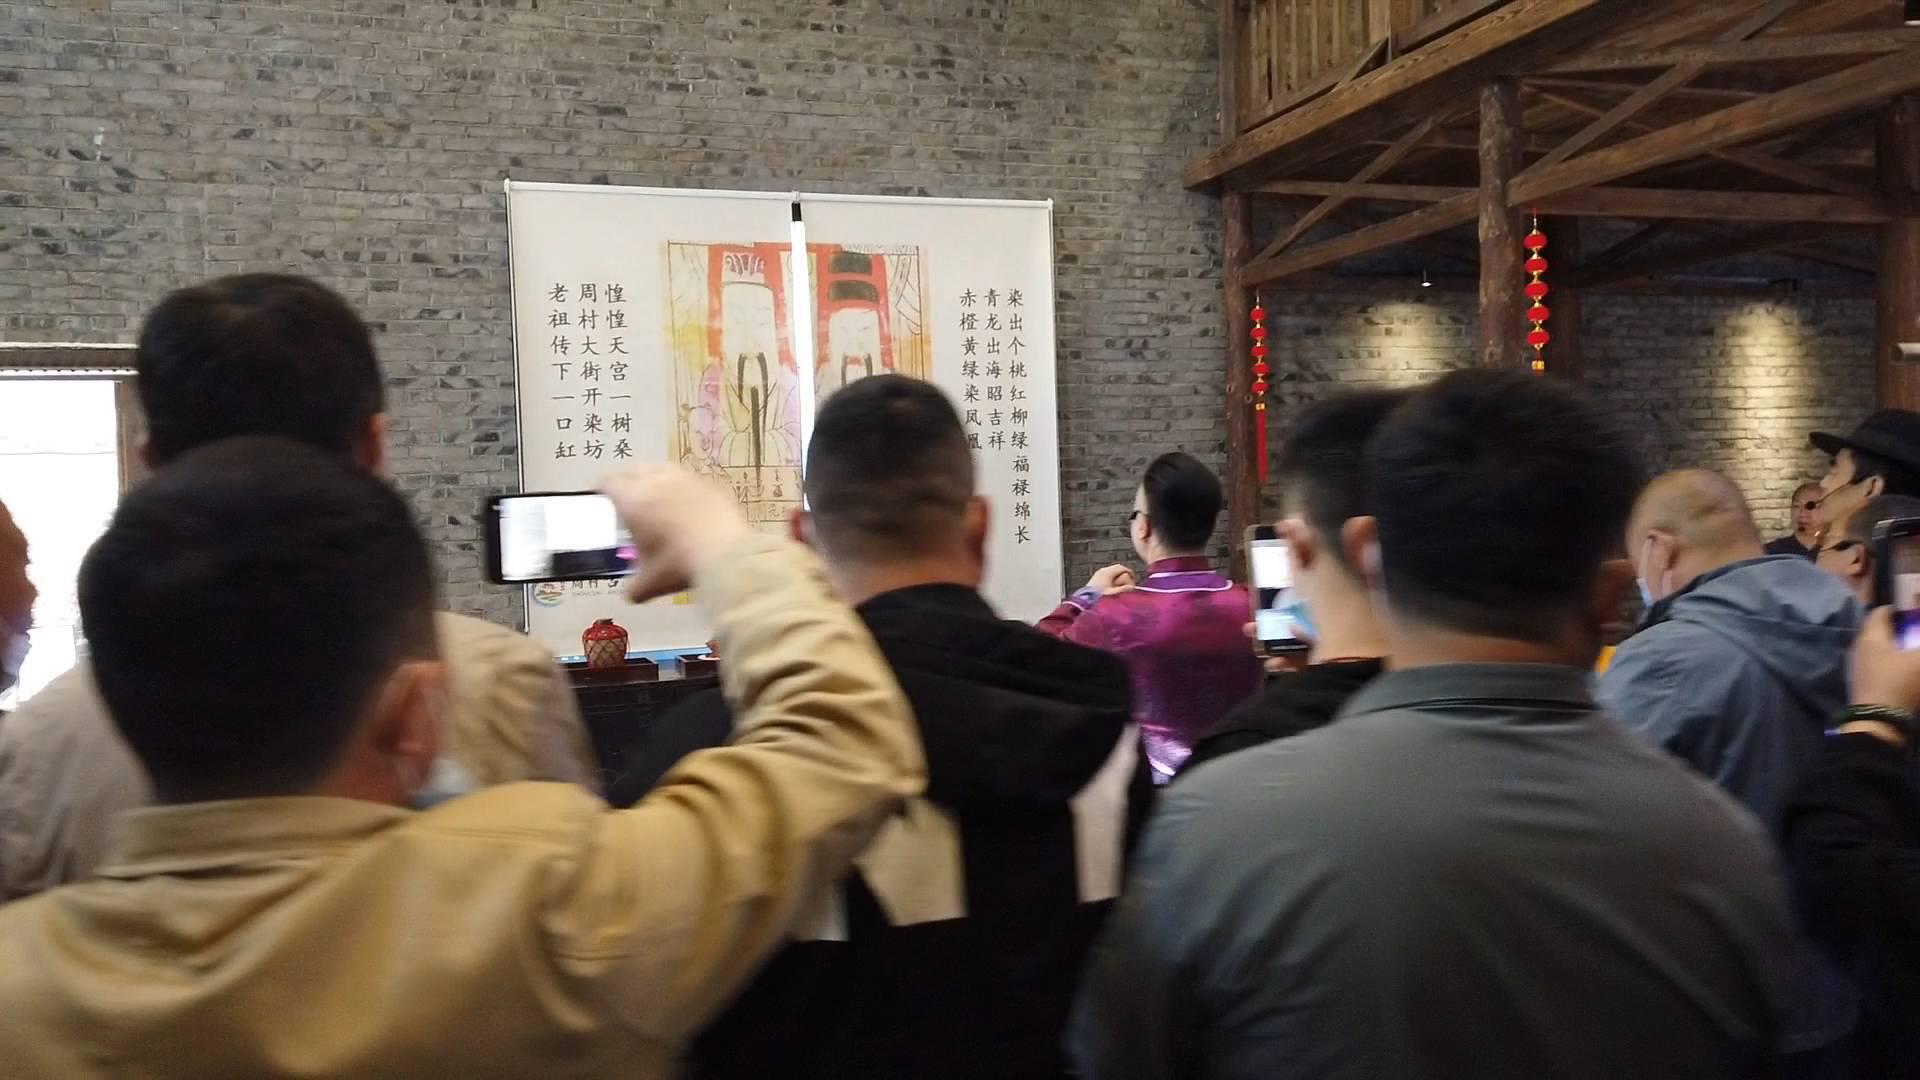 97秒丨一天演出18场!周村古城情景剧演员为游客实景演绎《大染坊》